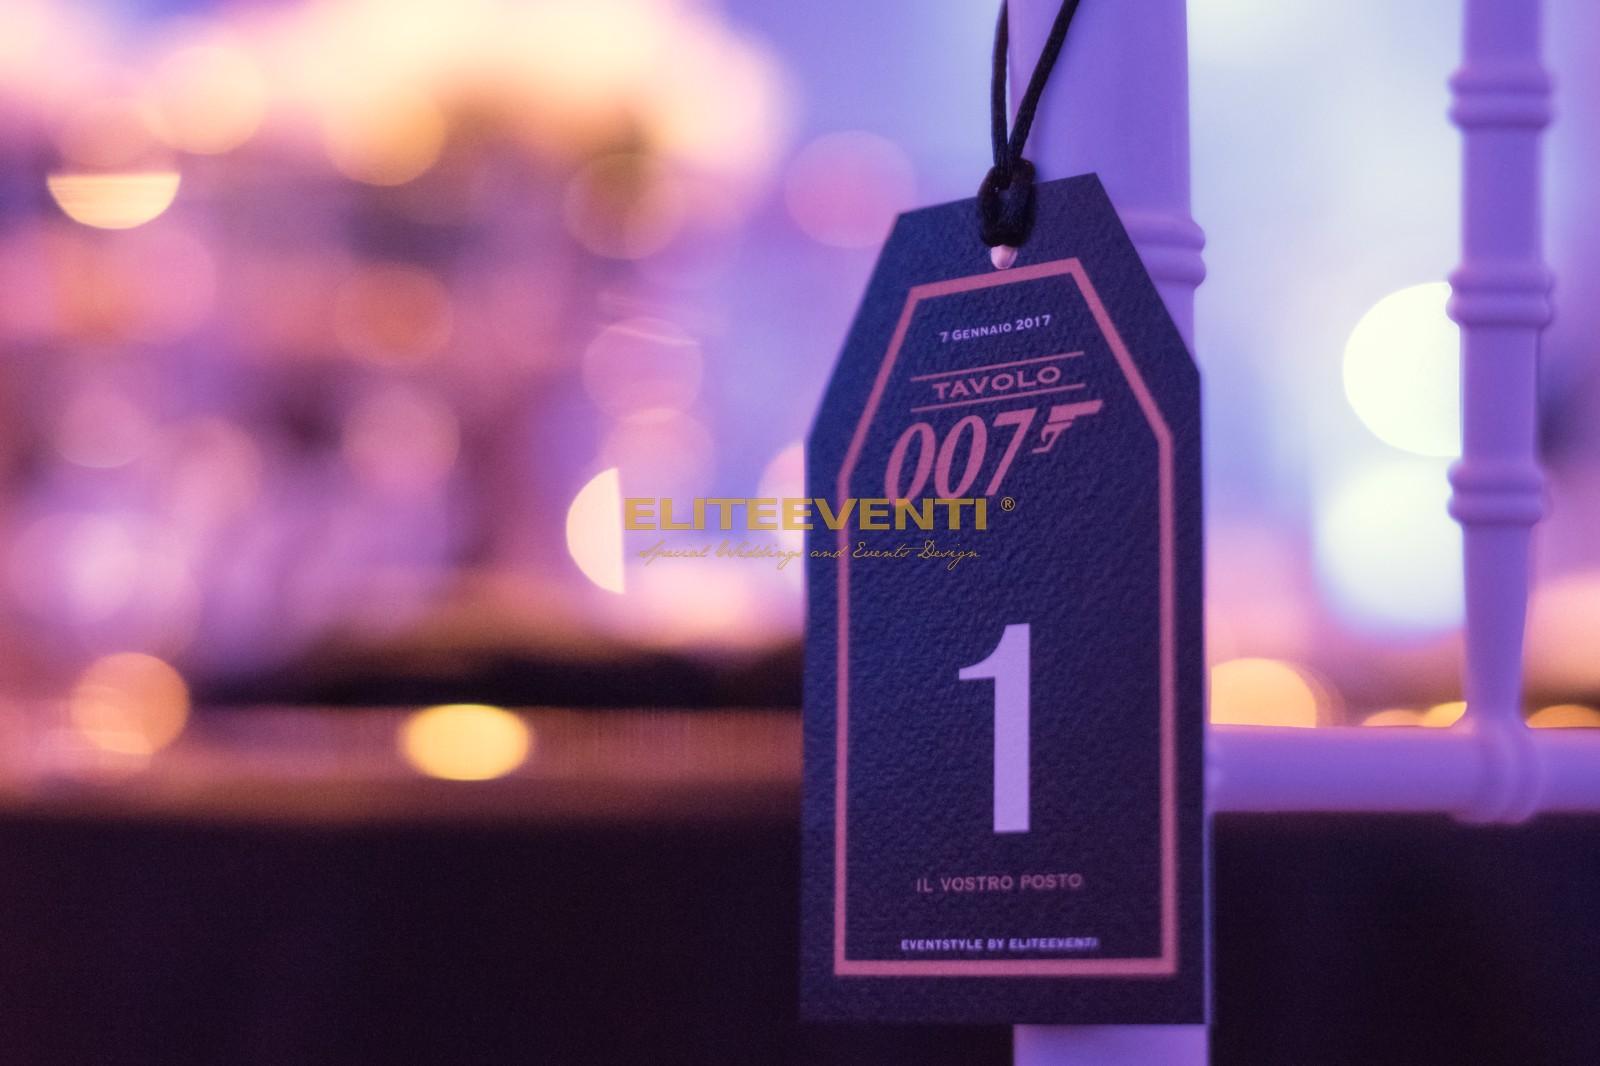 Dettagli festa a sopresa evento by Eliteeventi